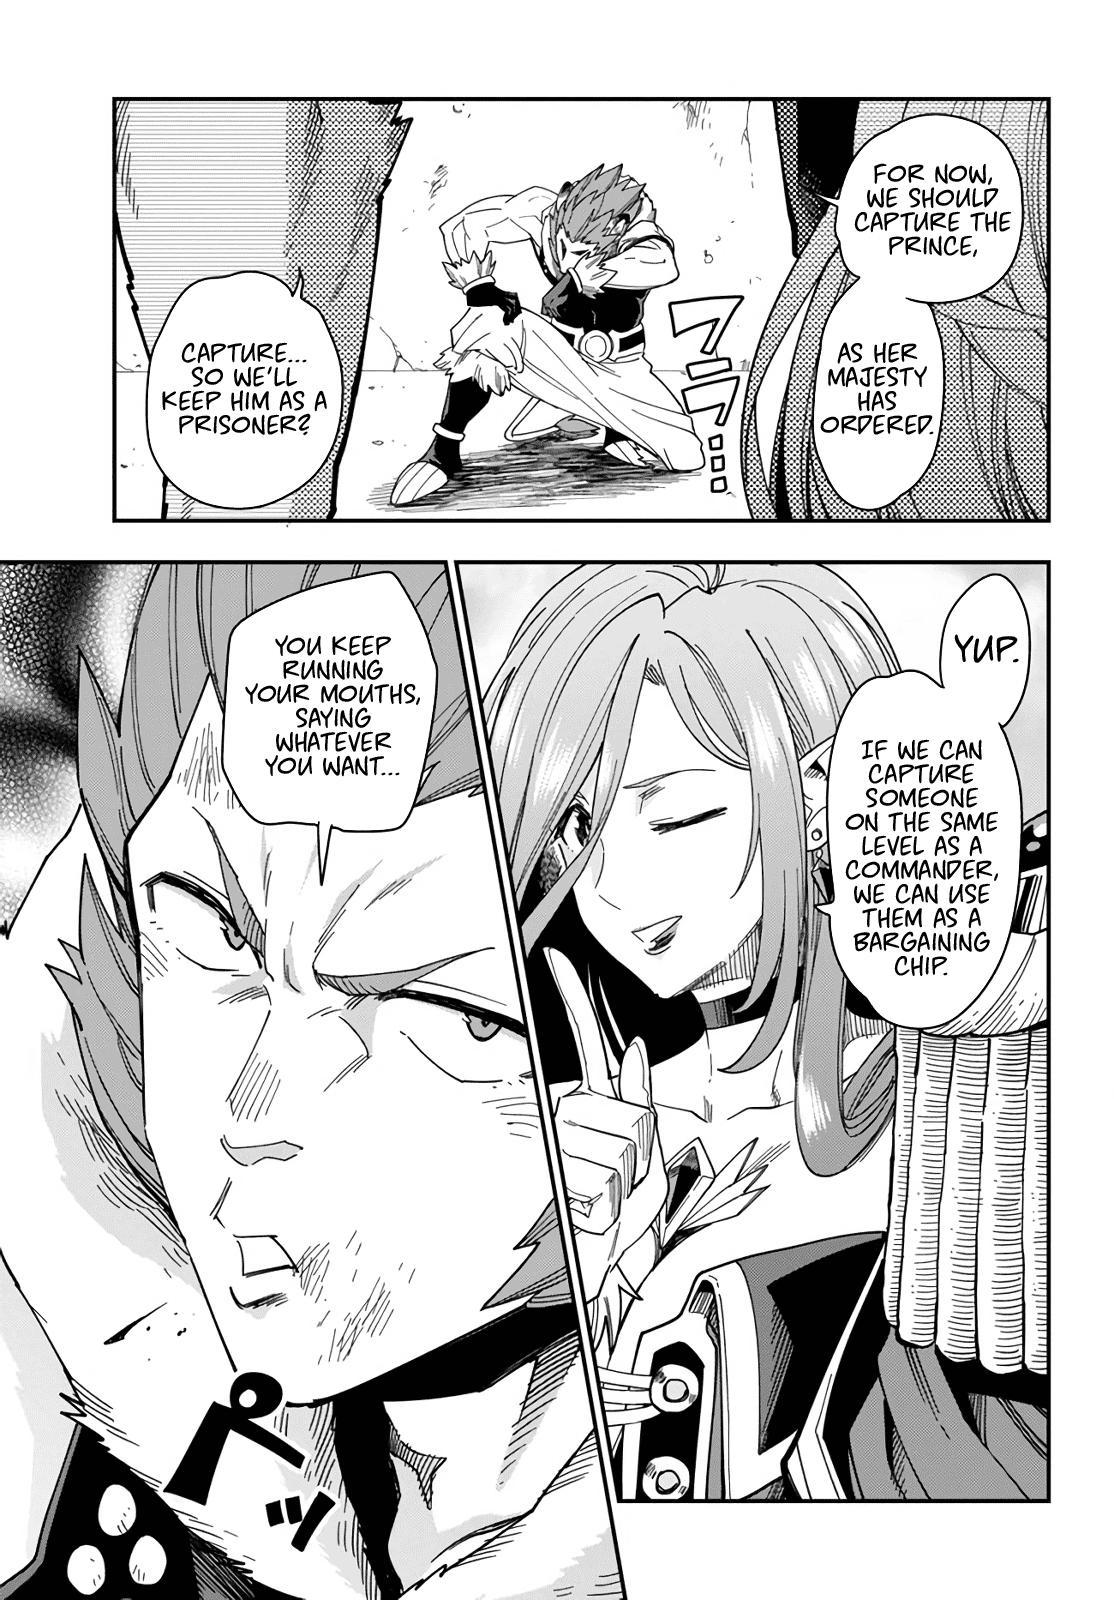 Konjiki No Moji Tsukai - Yuusha Yonin Ni Makikomareta Unique Cheat Chapter 67: Glimpse Of A Hero, Part 2 page 17 - Mangakakalots.com